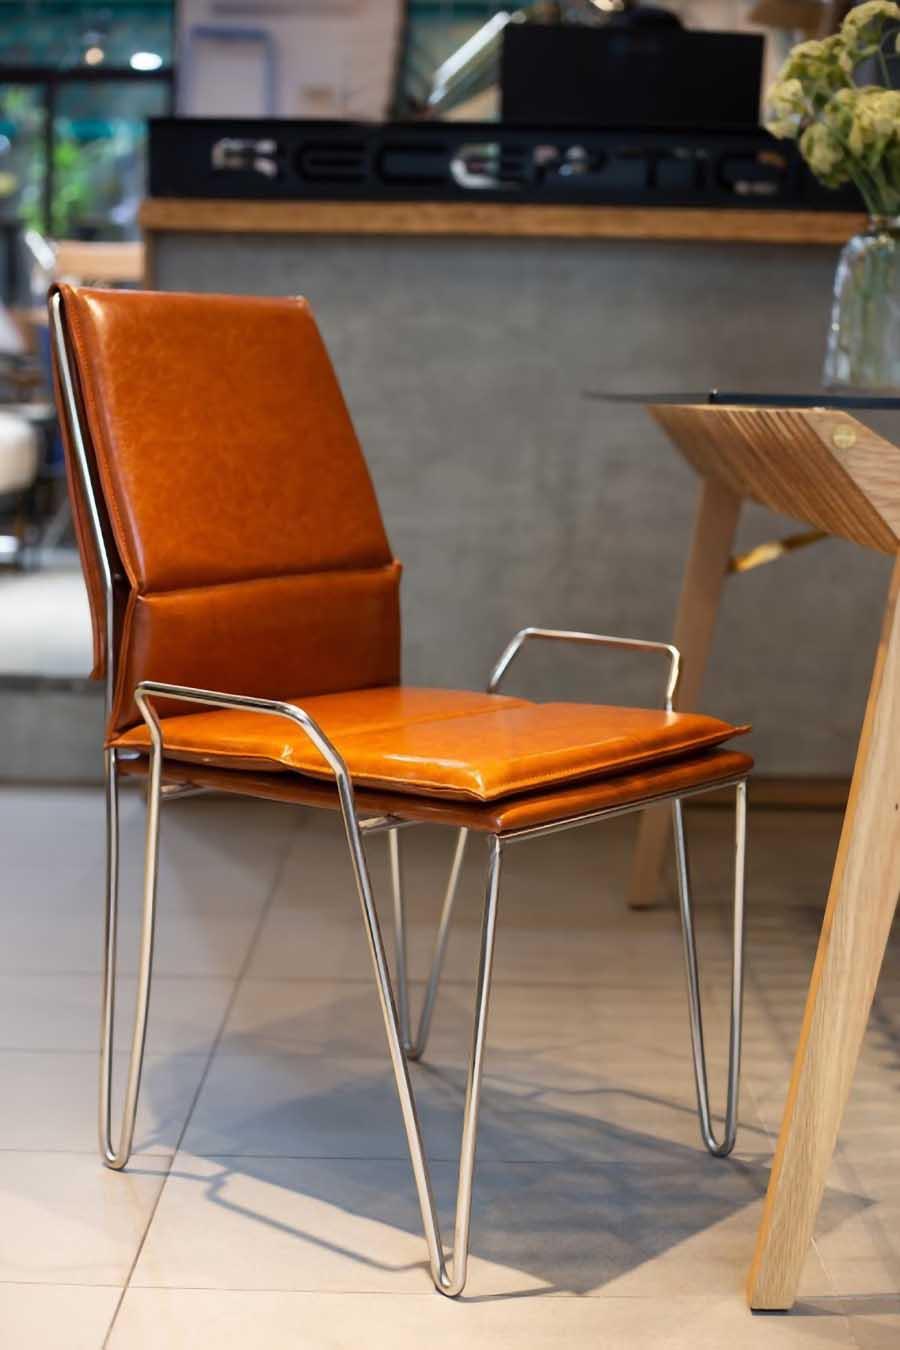 Chân ghế inox sáng bóng rất bền và còn cho cảm giác sạch, sang